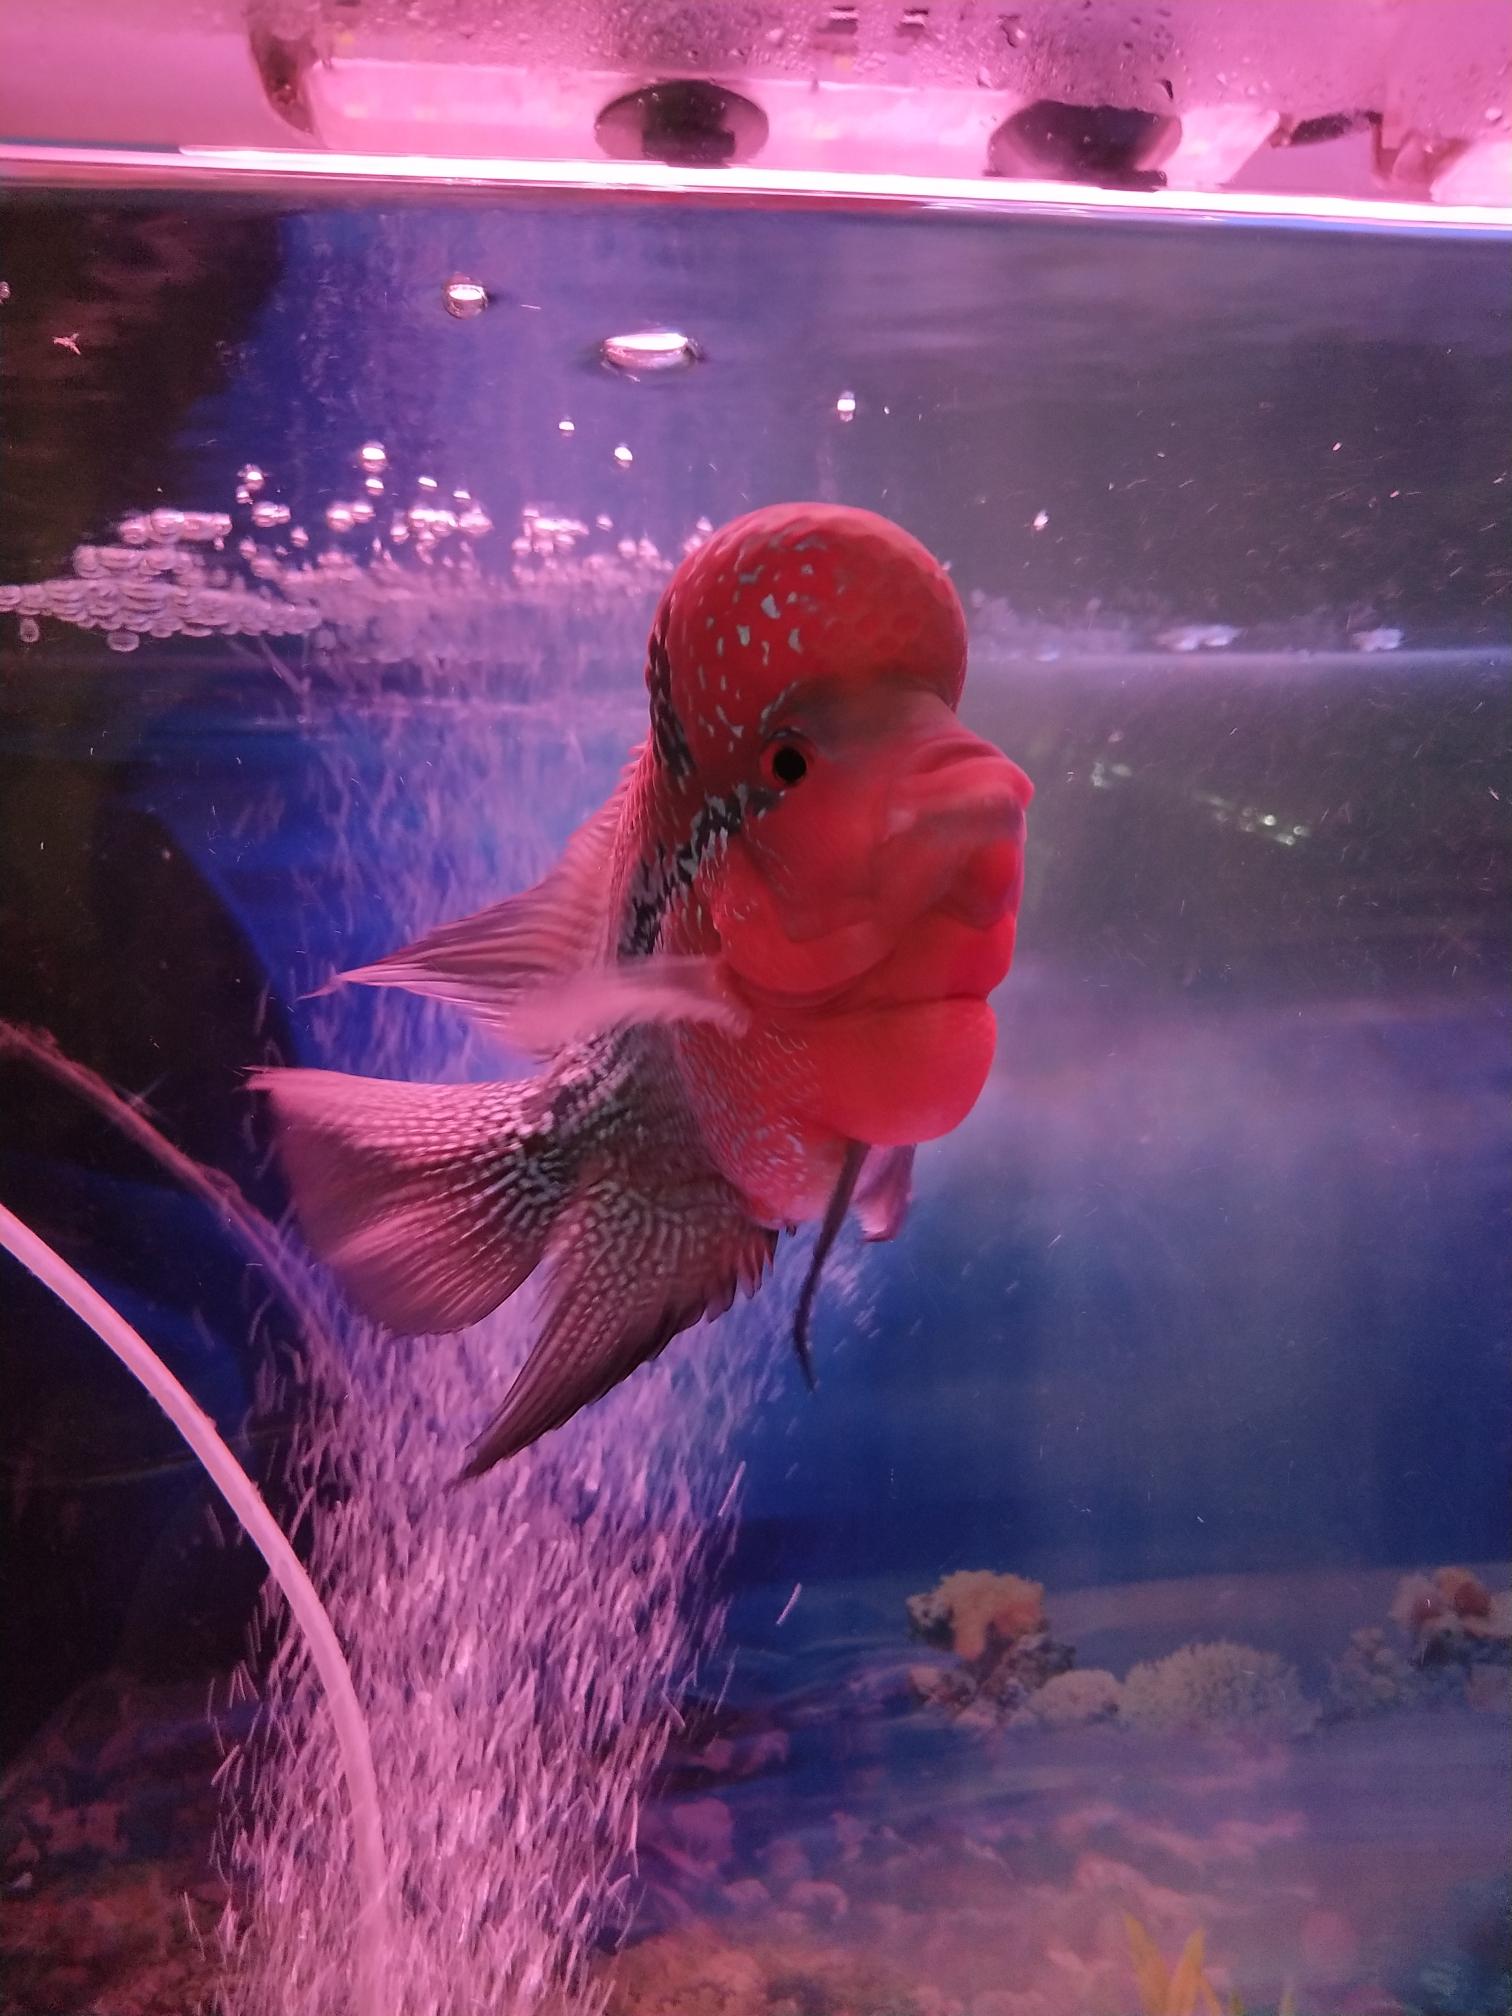 北京花鸟鱼市场照片和清晰度不一样?手机X20 北京龙鱼论坛 北京龙鱼第5张